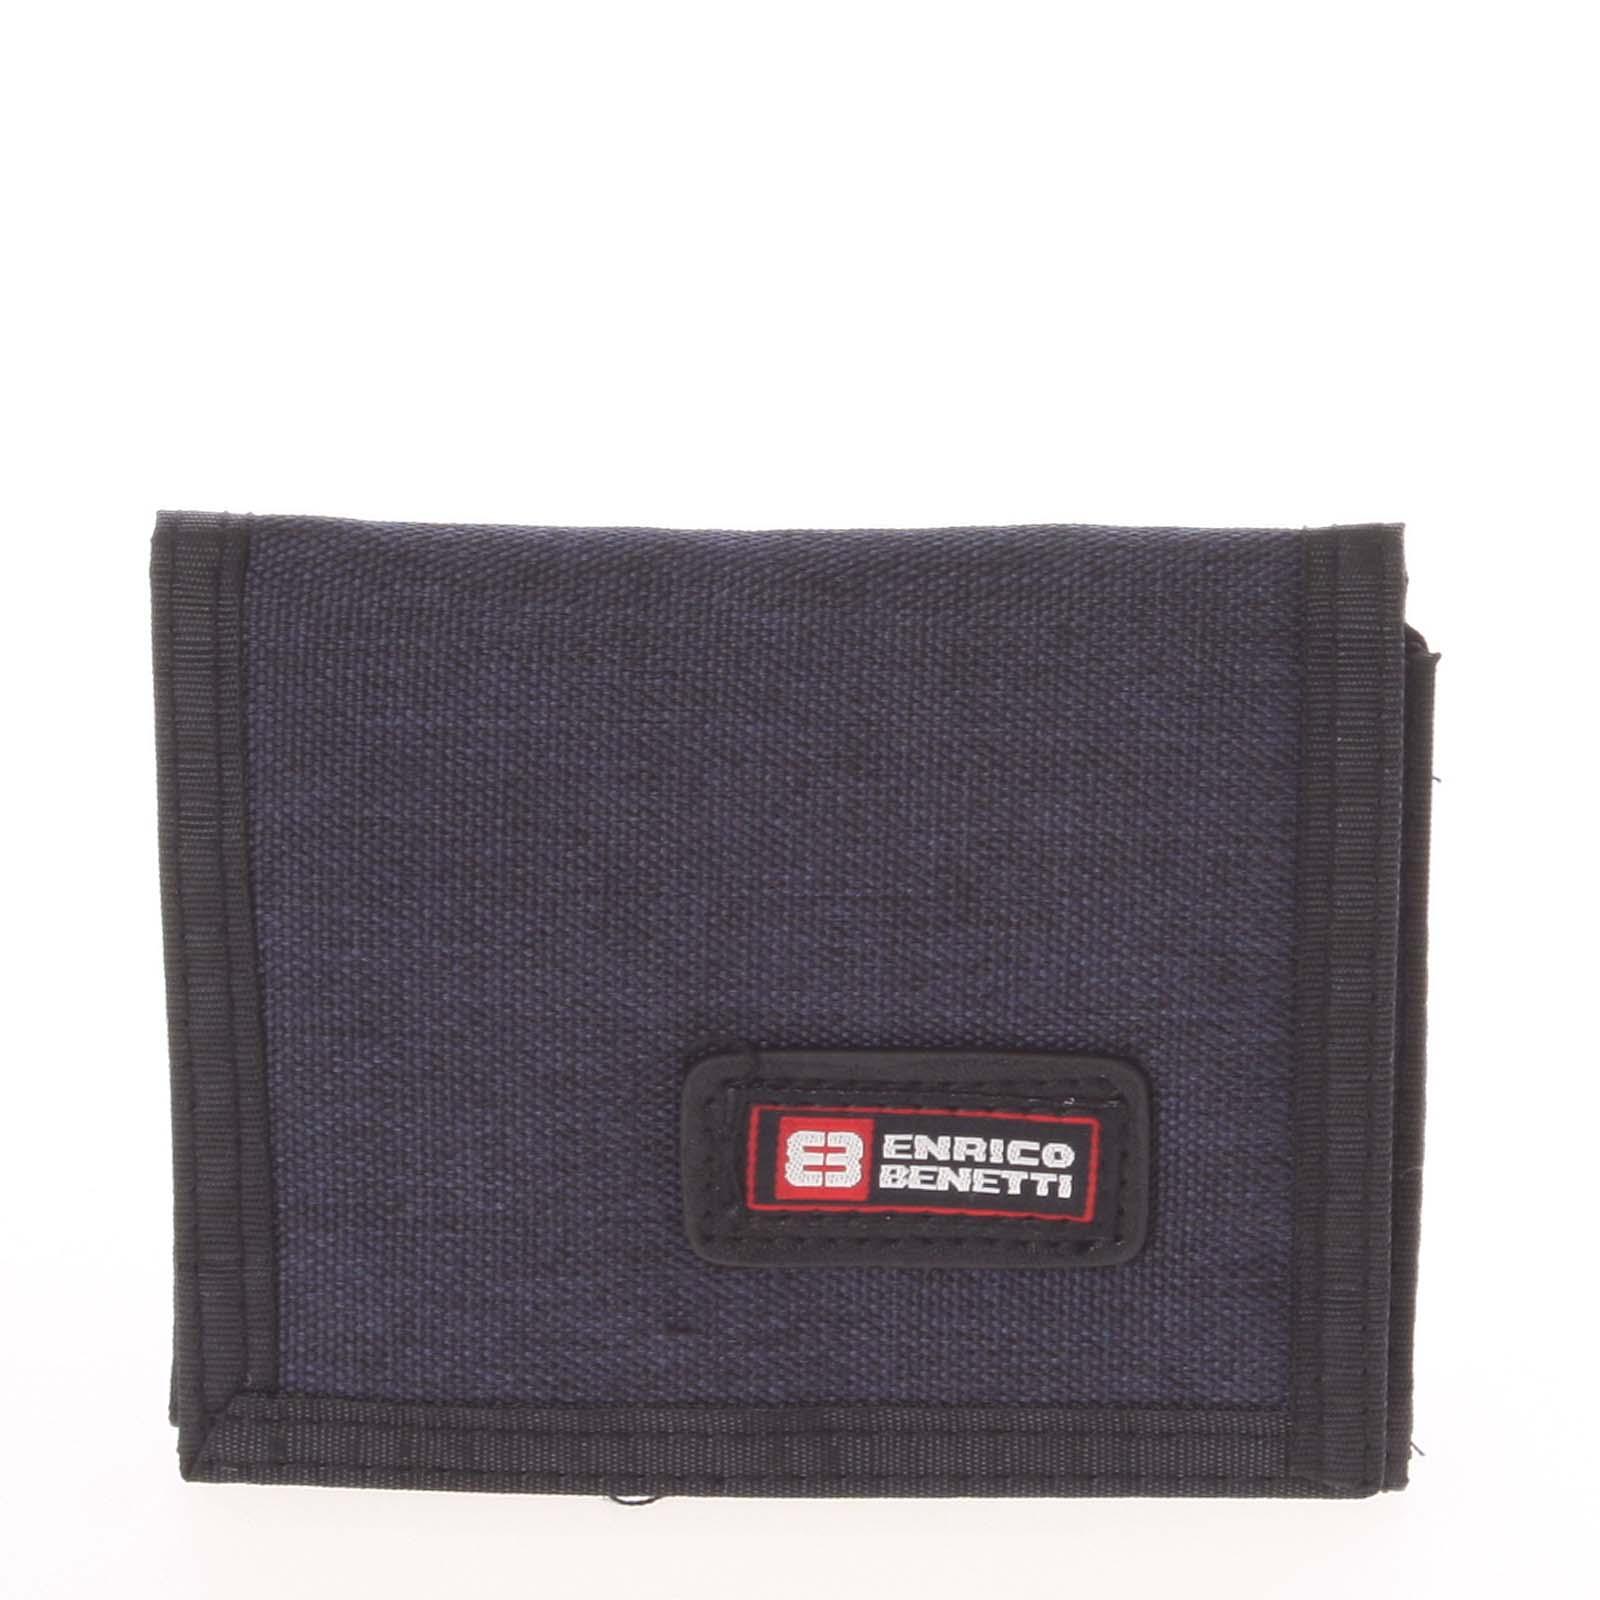 Peněženka látková tmavě modrá - Enrico Benetti 4500